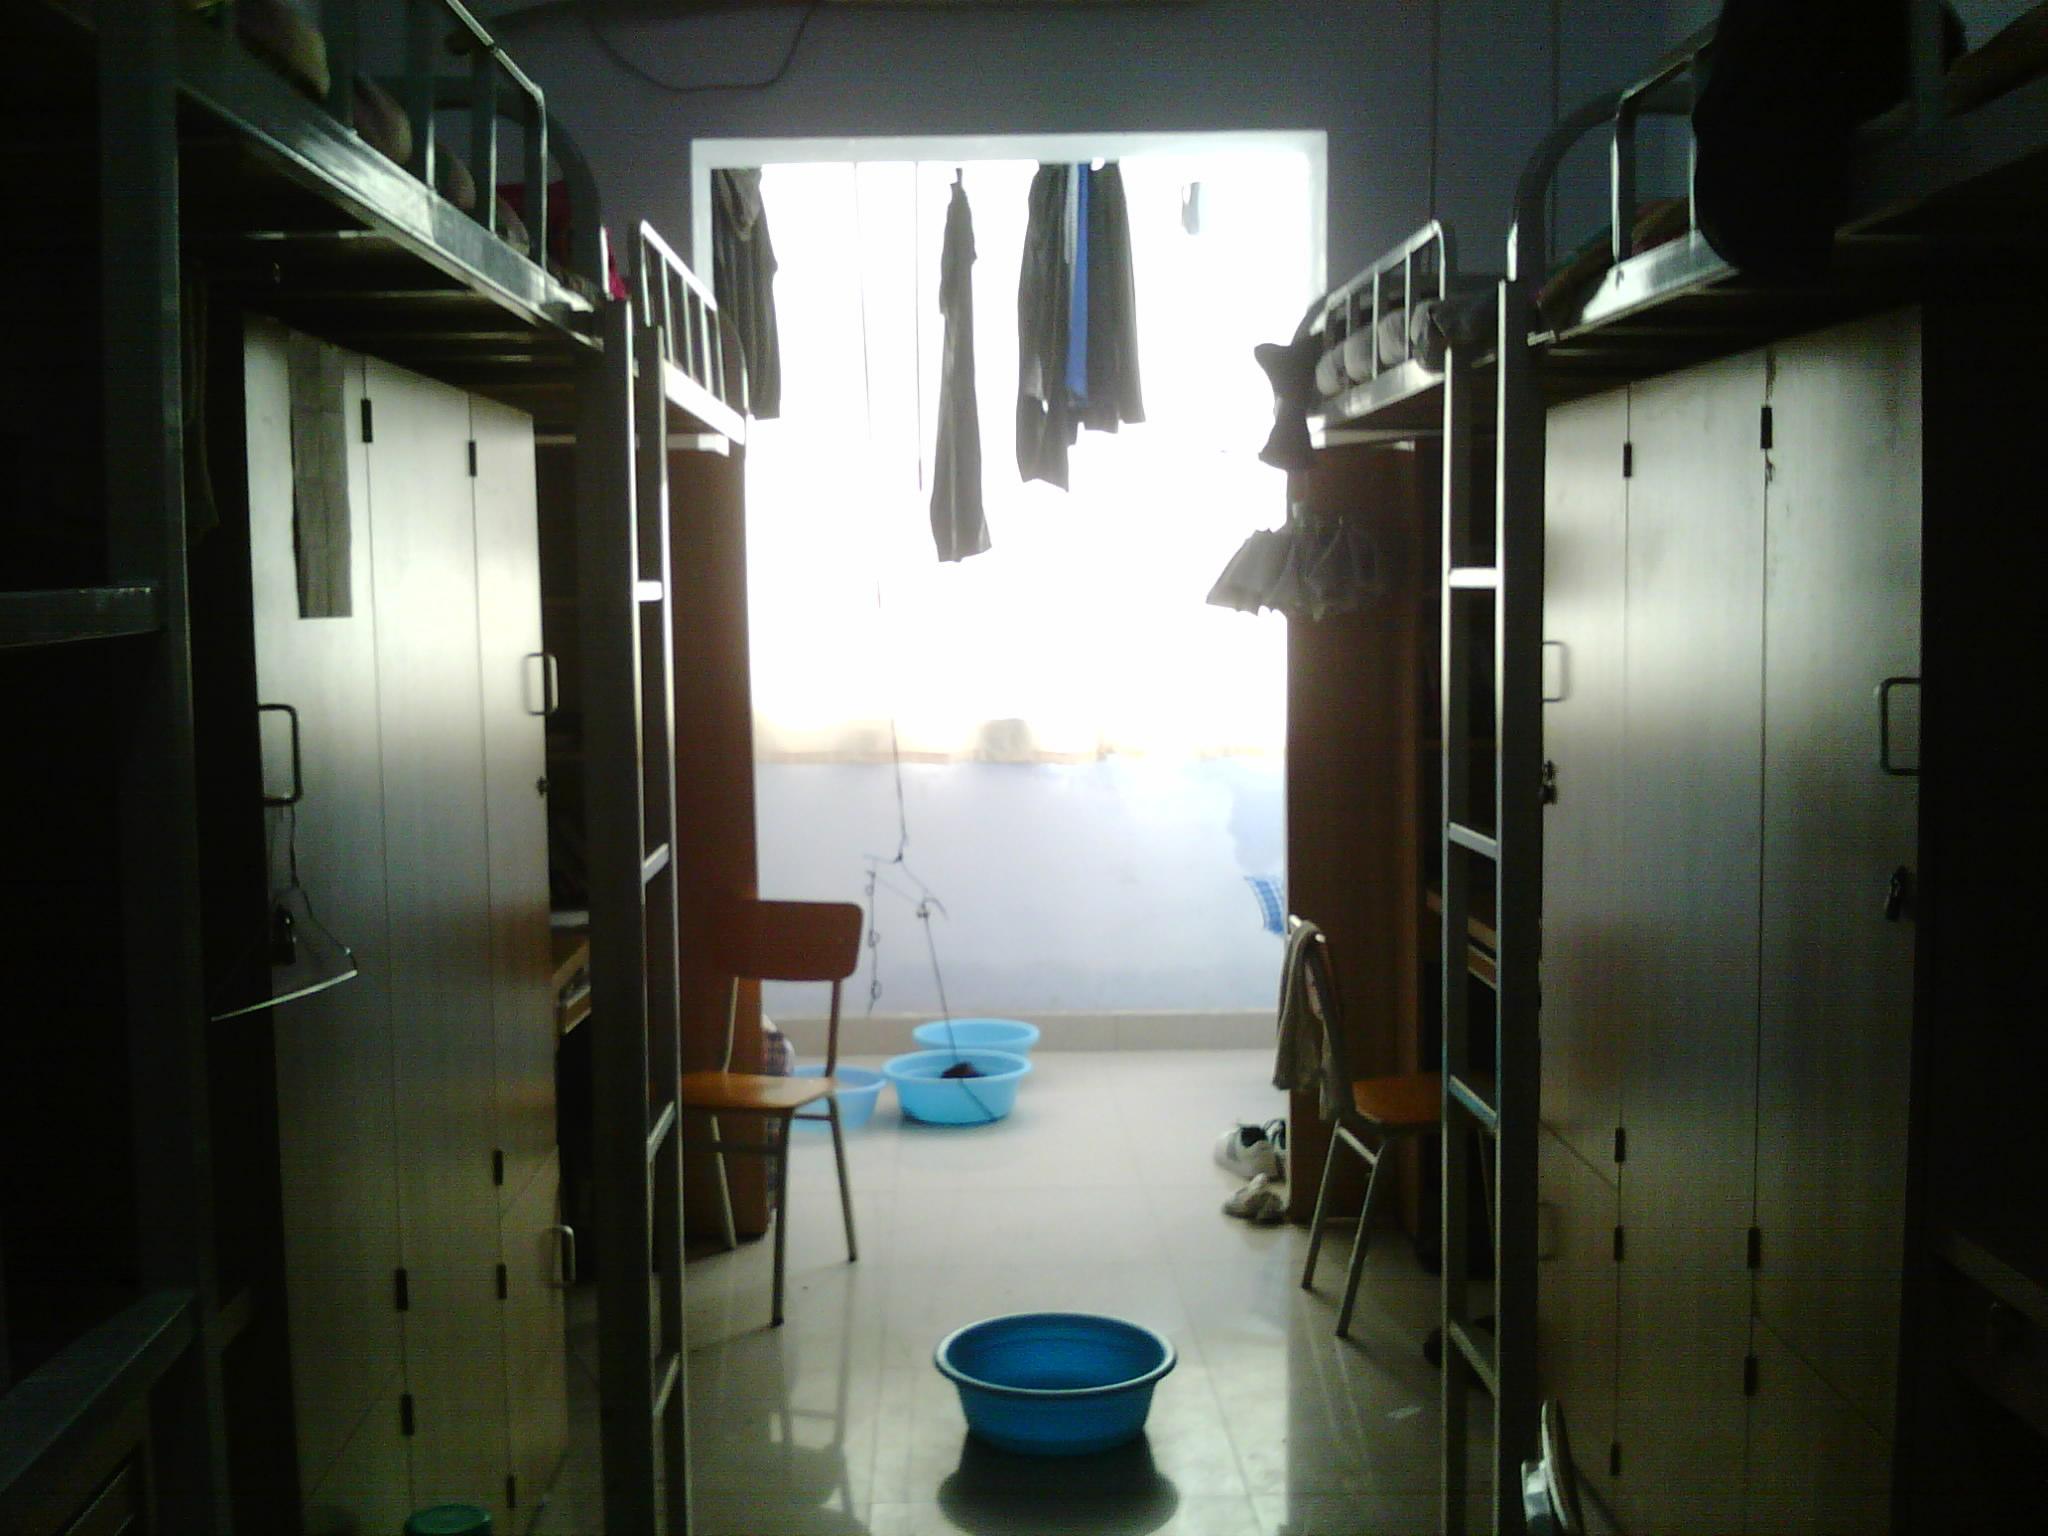 郑州师范学院宿舍怎么样? 有图片吗?图片